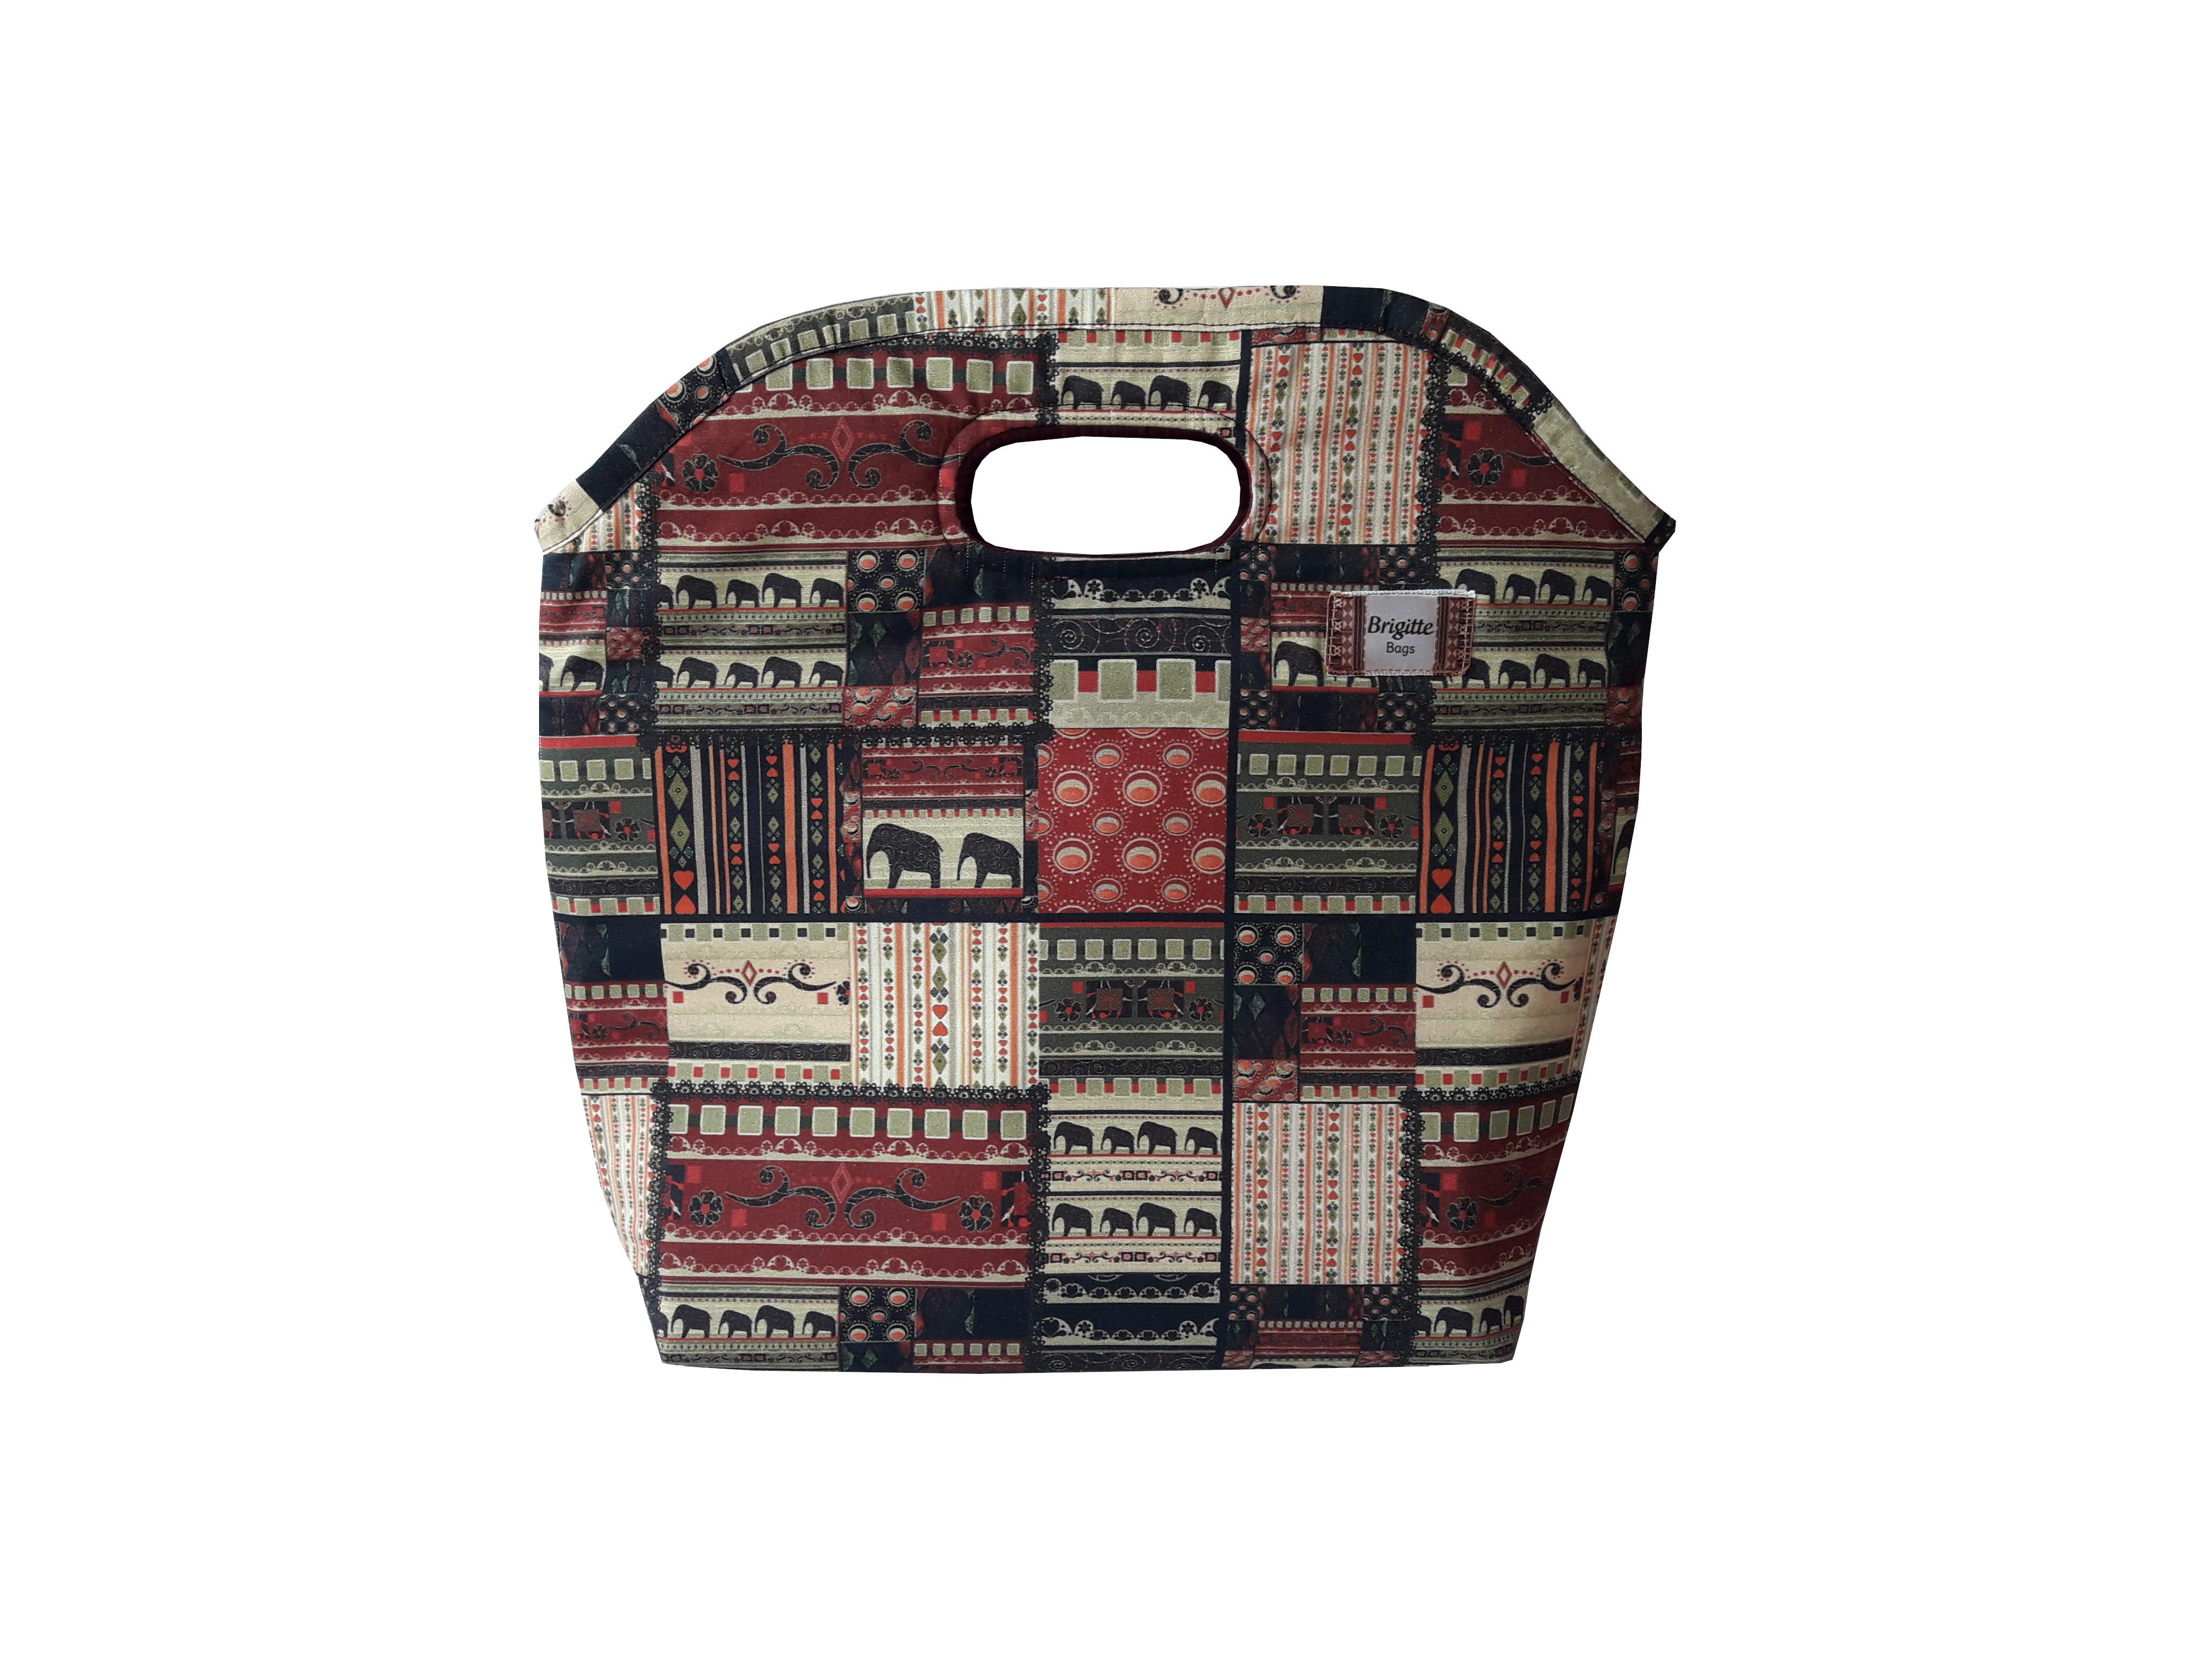 0616ba1bbe Whippet Branco Bolsa de Mao Preta